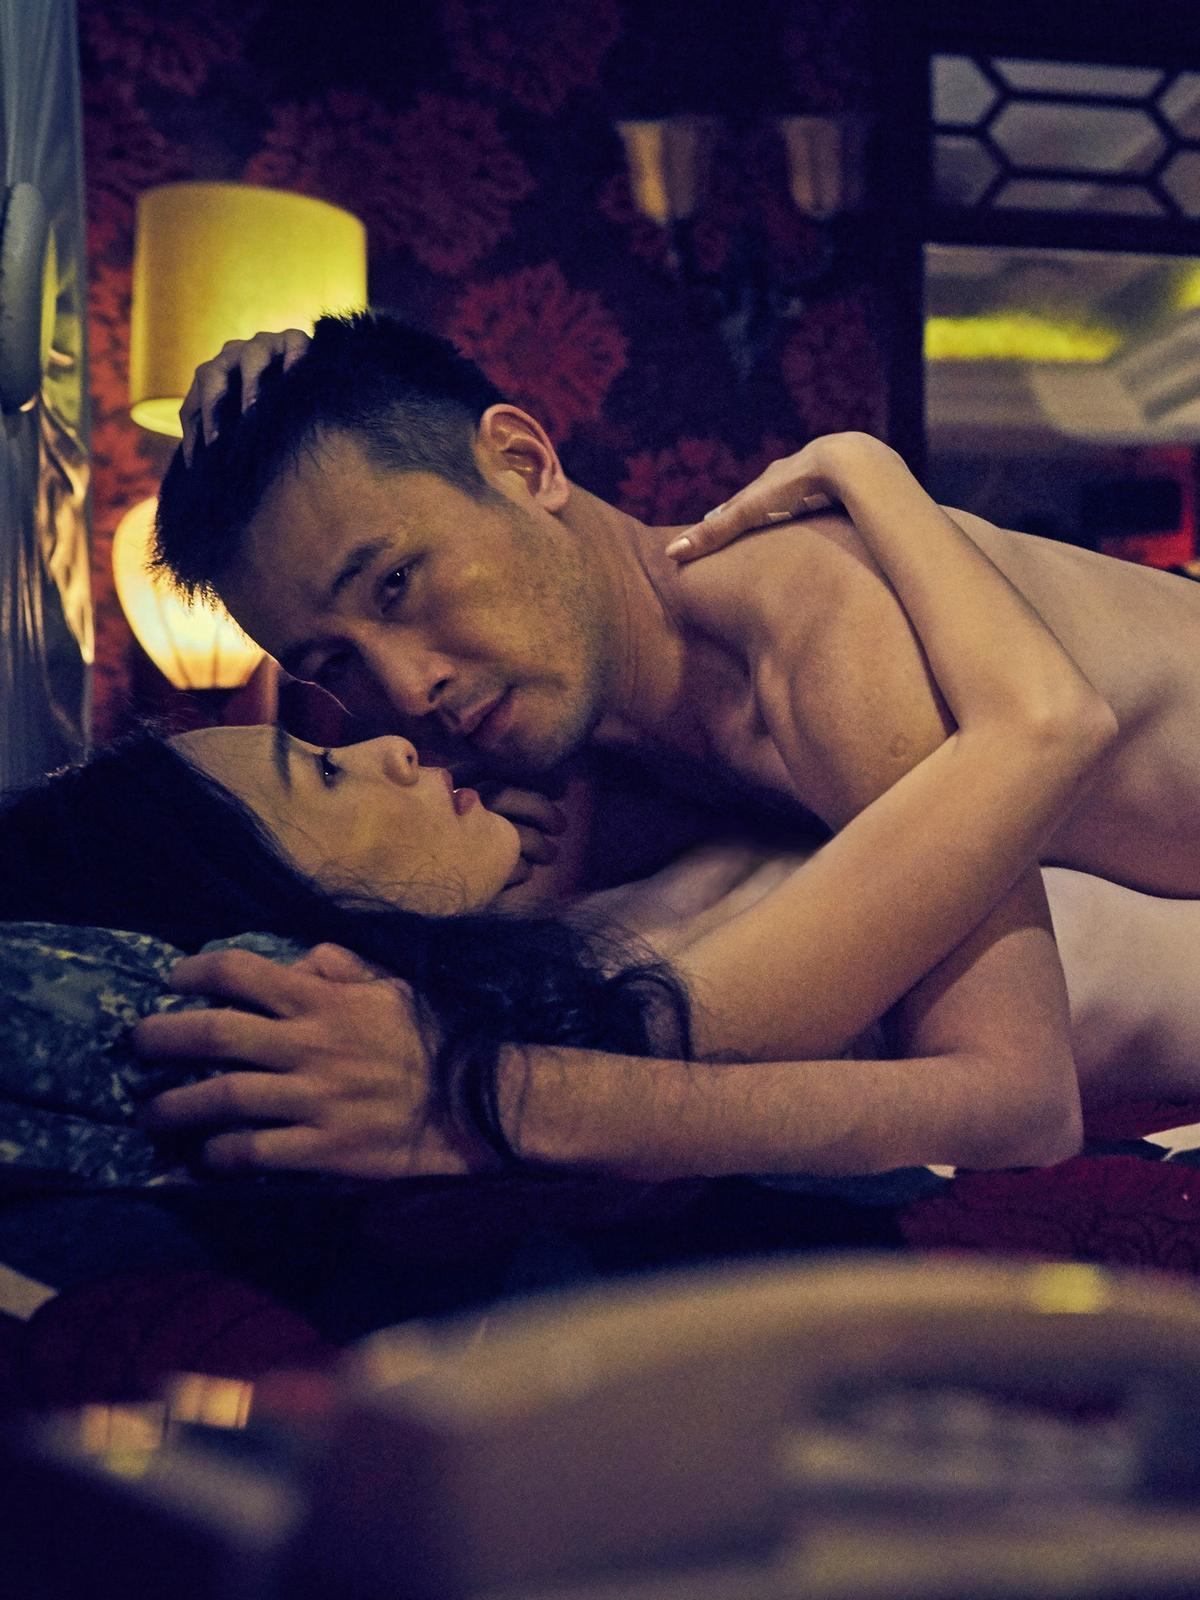 平常話不多的「本土一哥」傅子純和吳可熙拍床戲時,被楊雅喆發現「很會叫」,原來也是個悶騷男。(双喜提供)